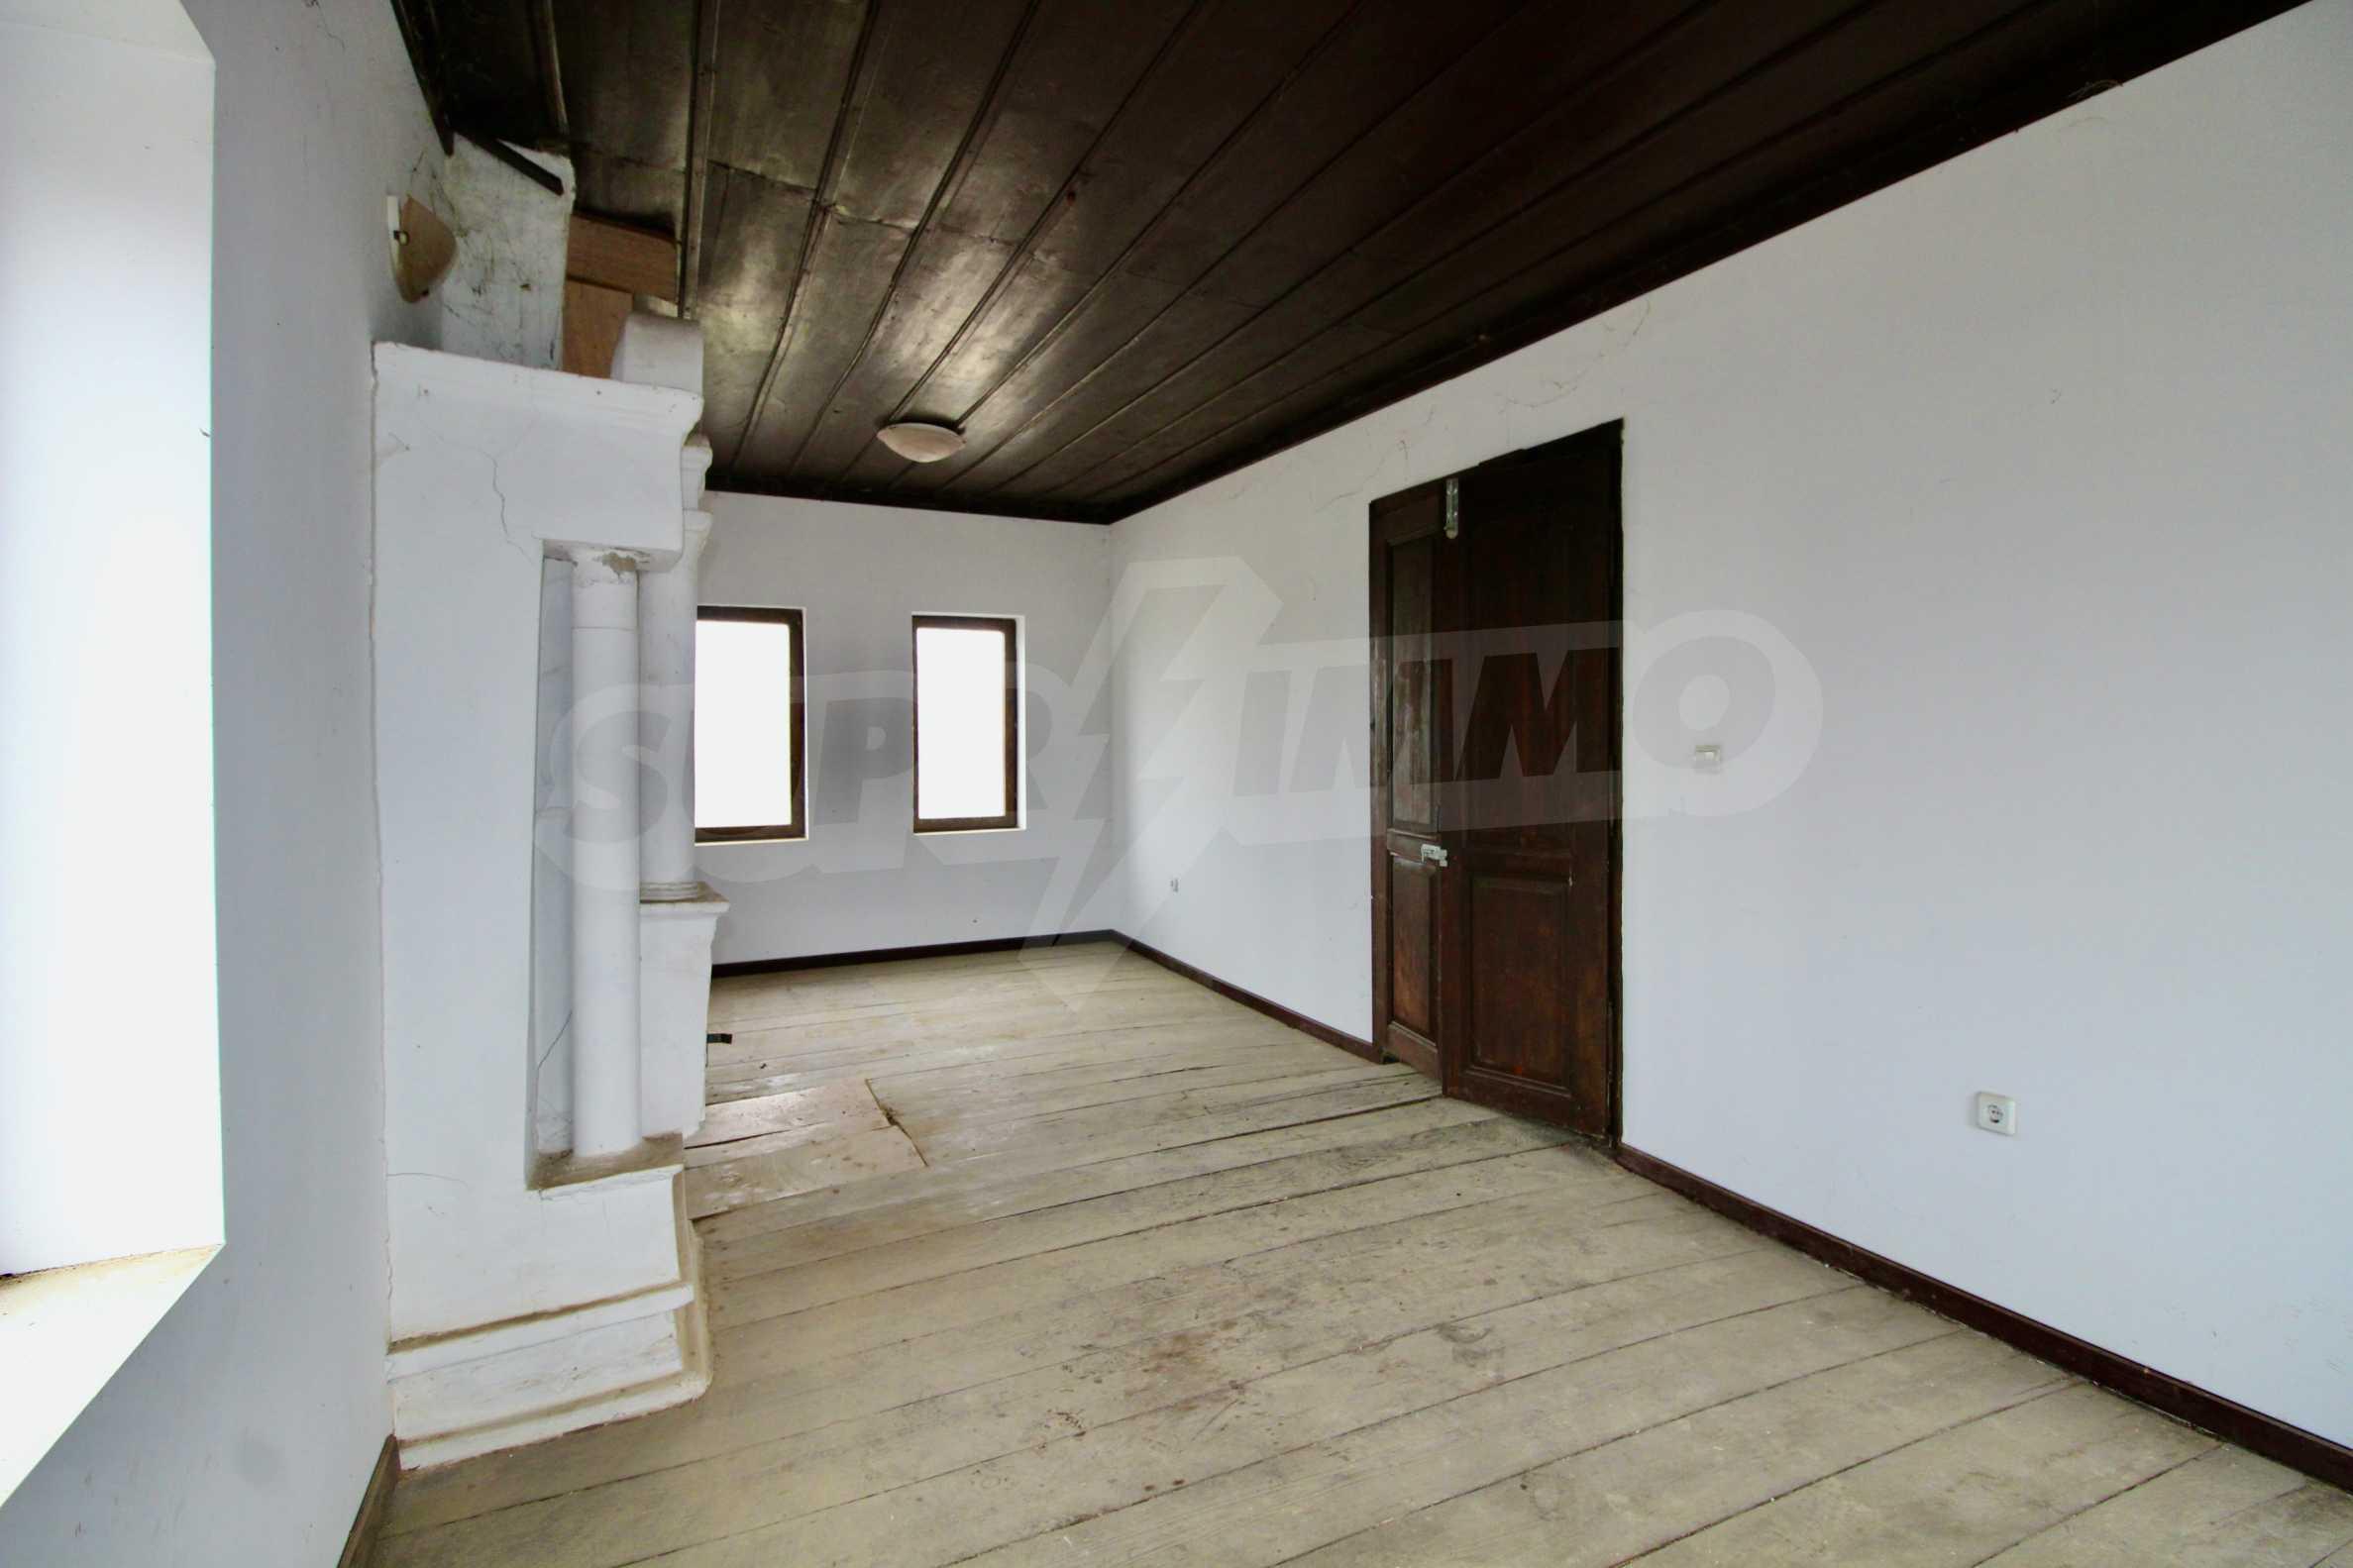 Двуетажна къща с голпм двор в село на 30 км от Велико Търново  4